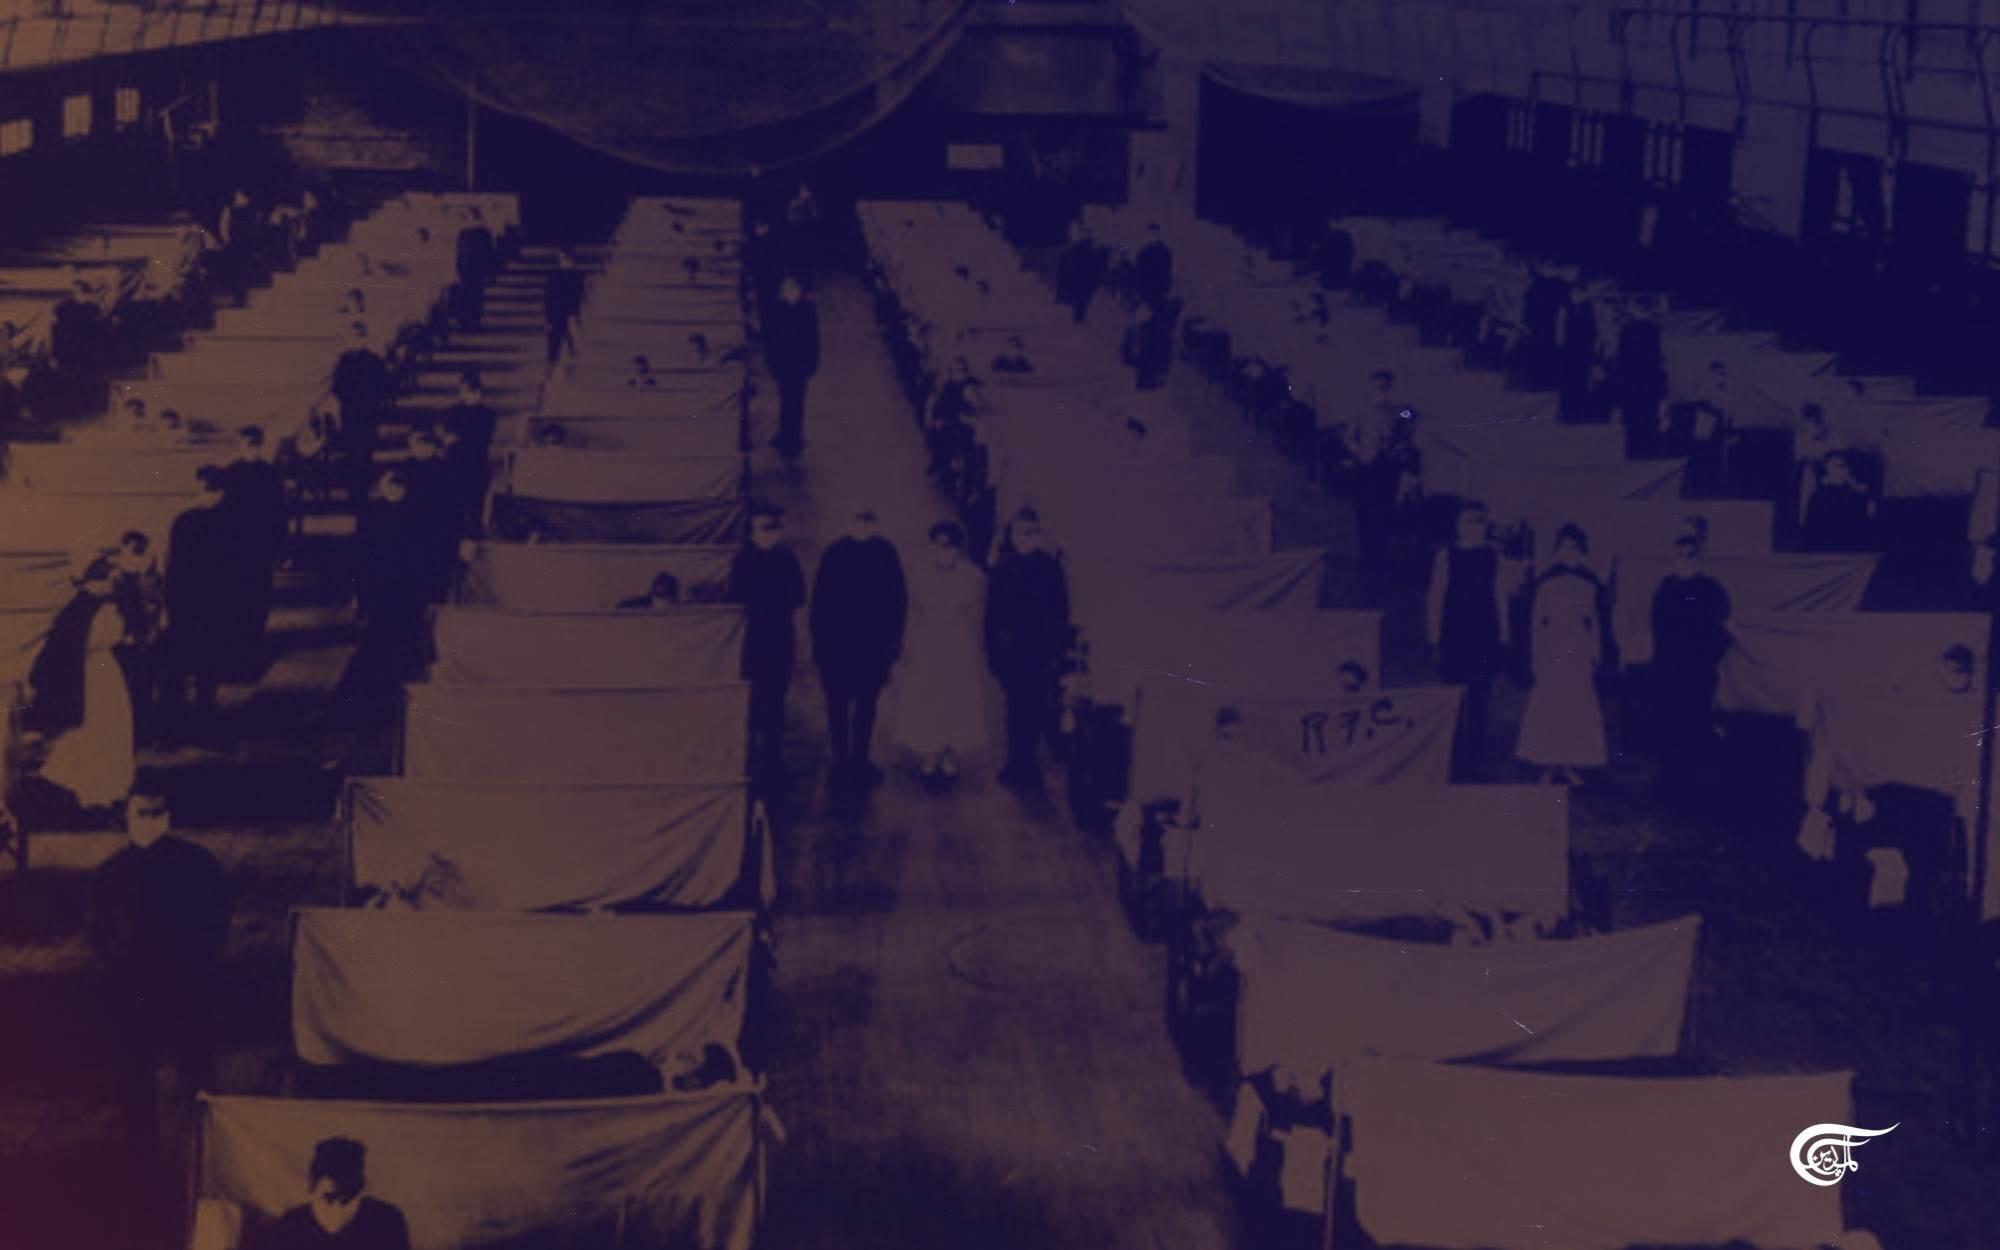 إمبراطوريات وأوبئة: منظور بعيد المدى (3)